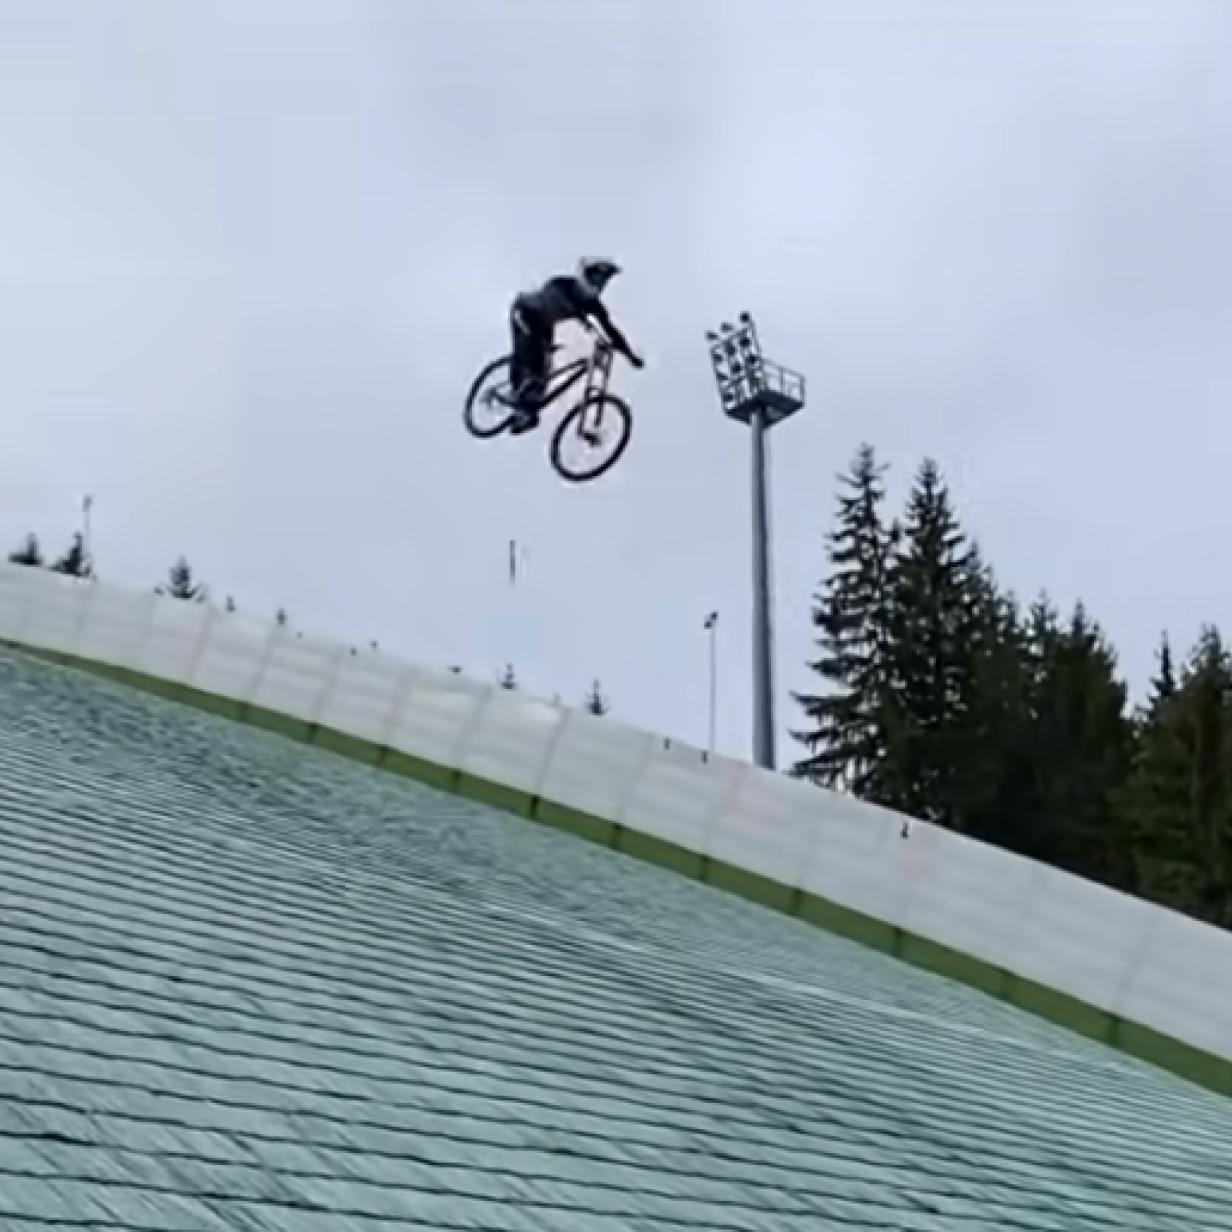 Irrer Rekordversuch: Mountainbiker springt von Skischanze